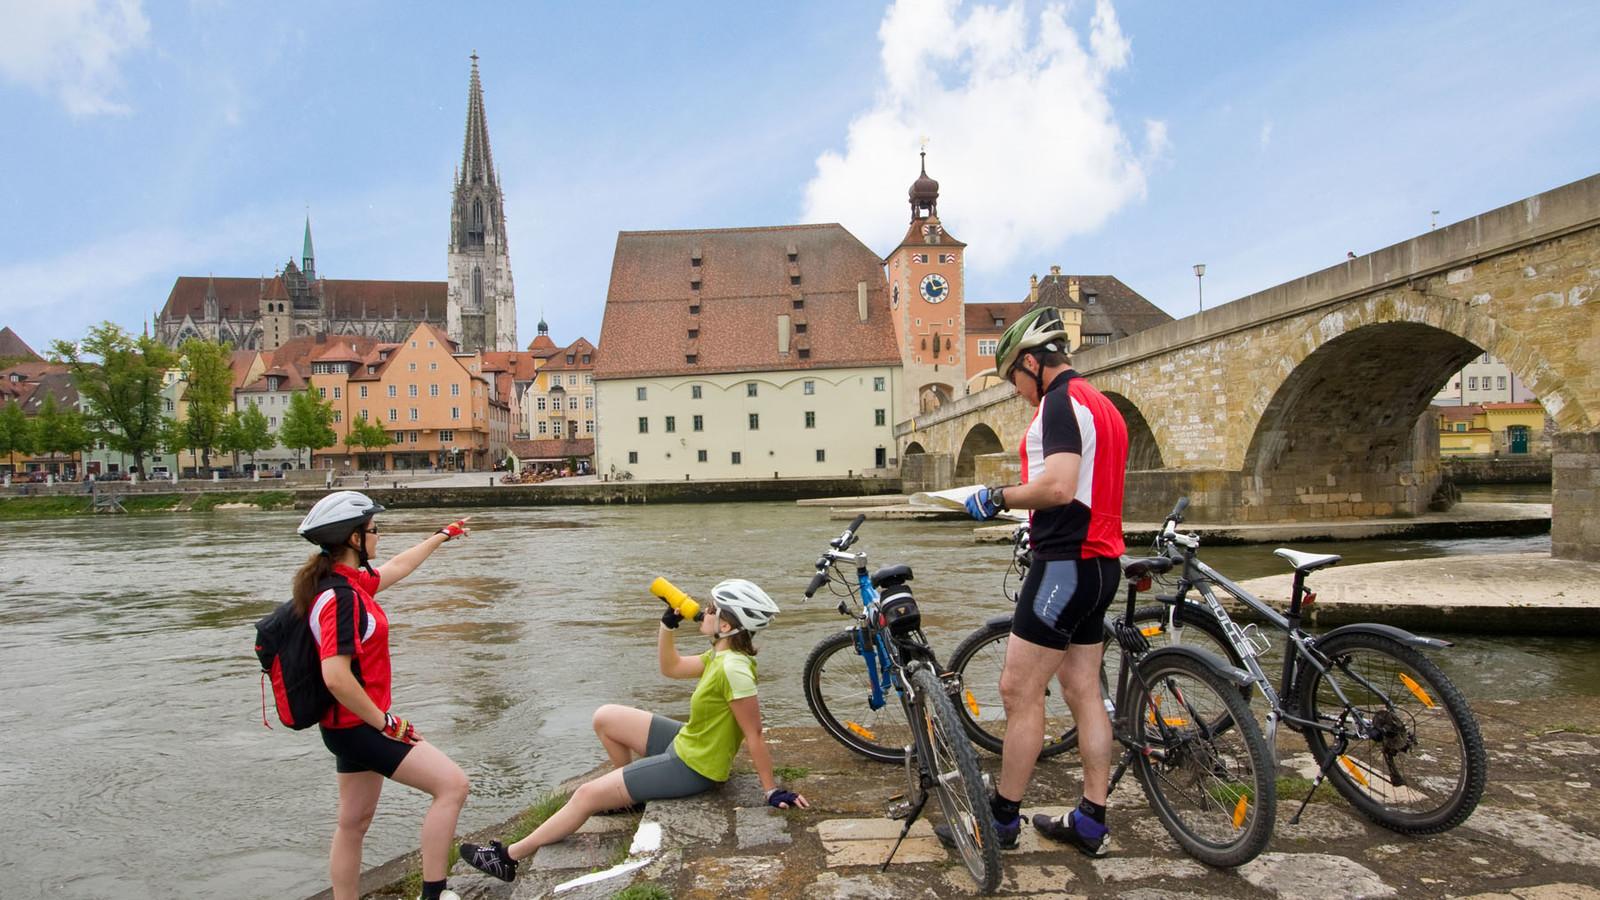 Radfahrer an der Steinernen Brücke